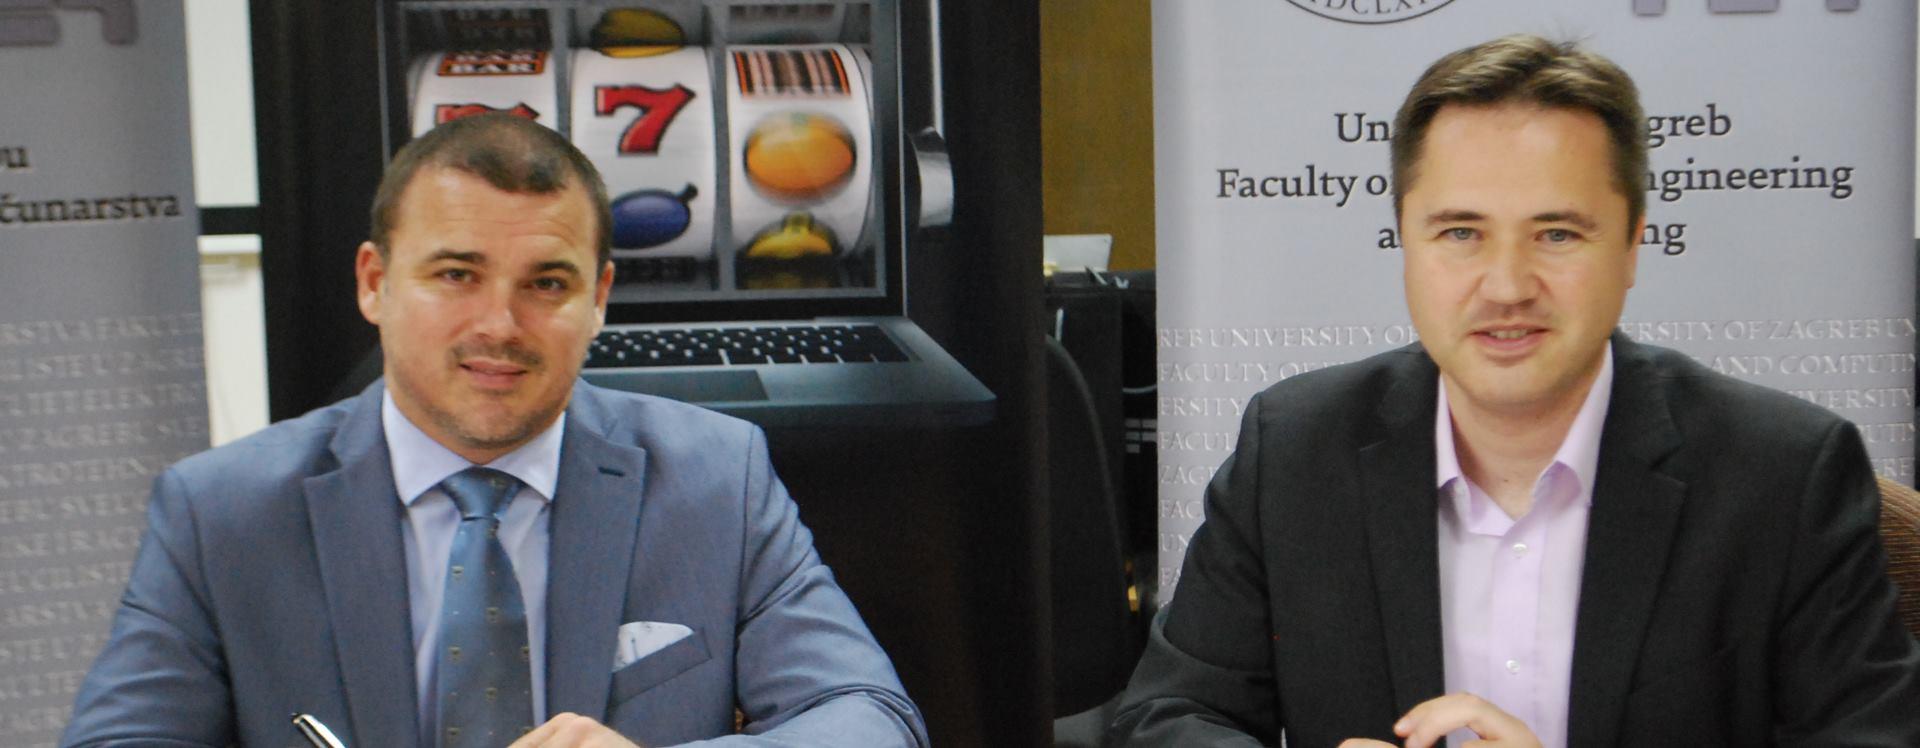 Potpisan Sporazum o poslovnoj suradnji Hrvatske Lutrije i FER-a